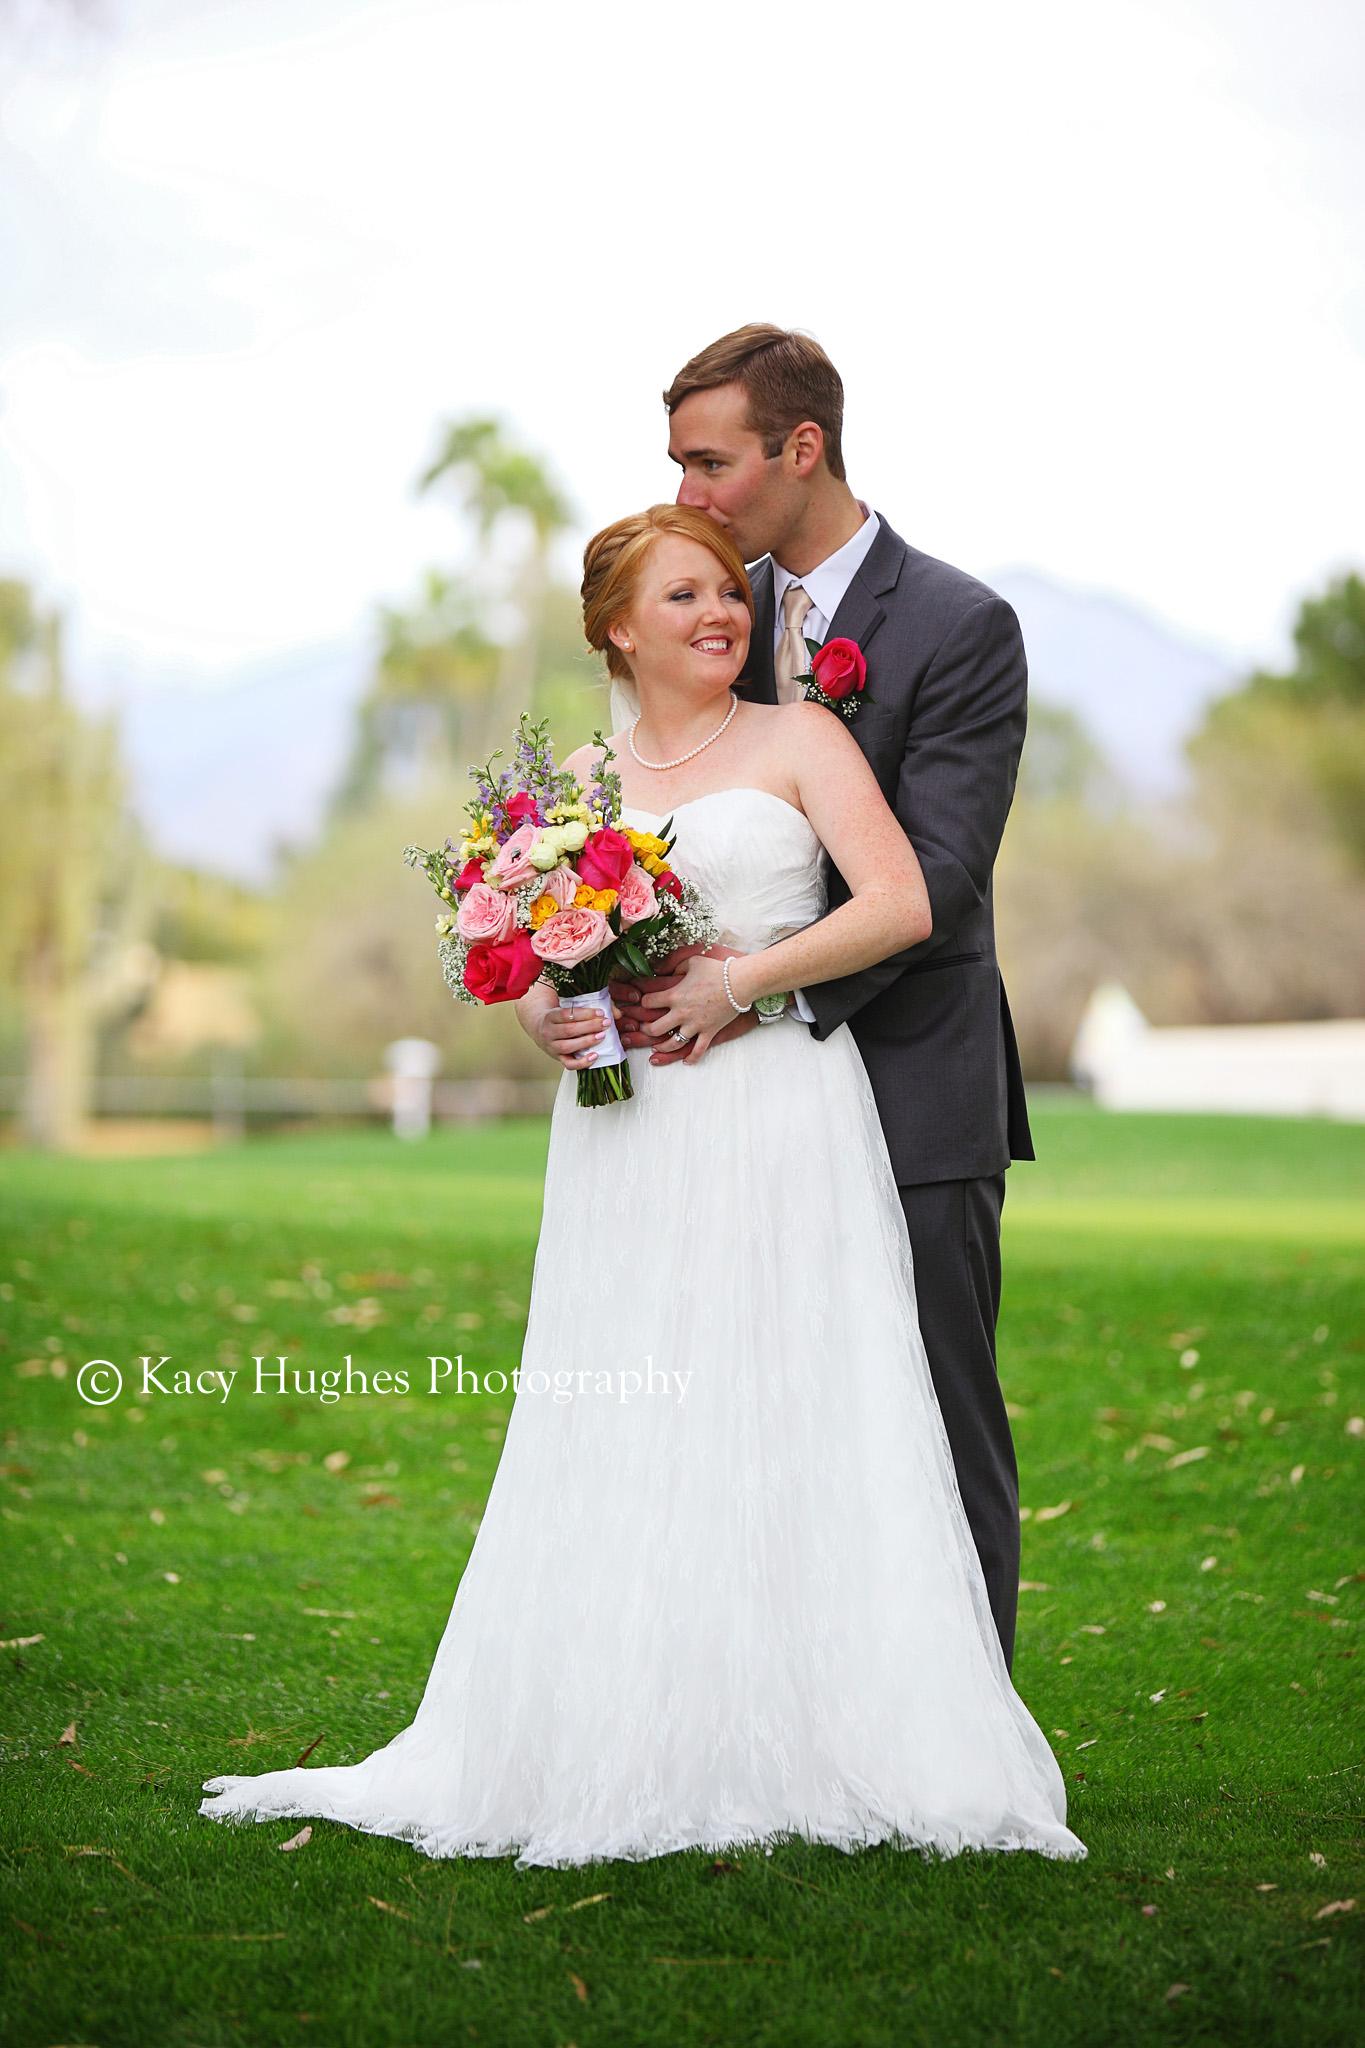 mw0130 - Scottsdale Wedding Photographers